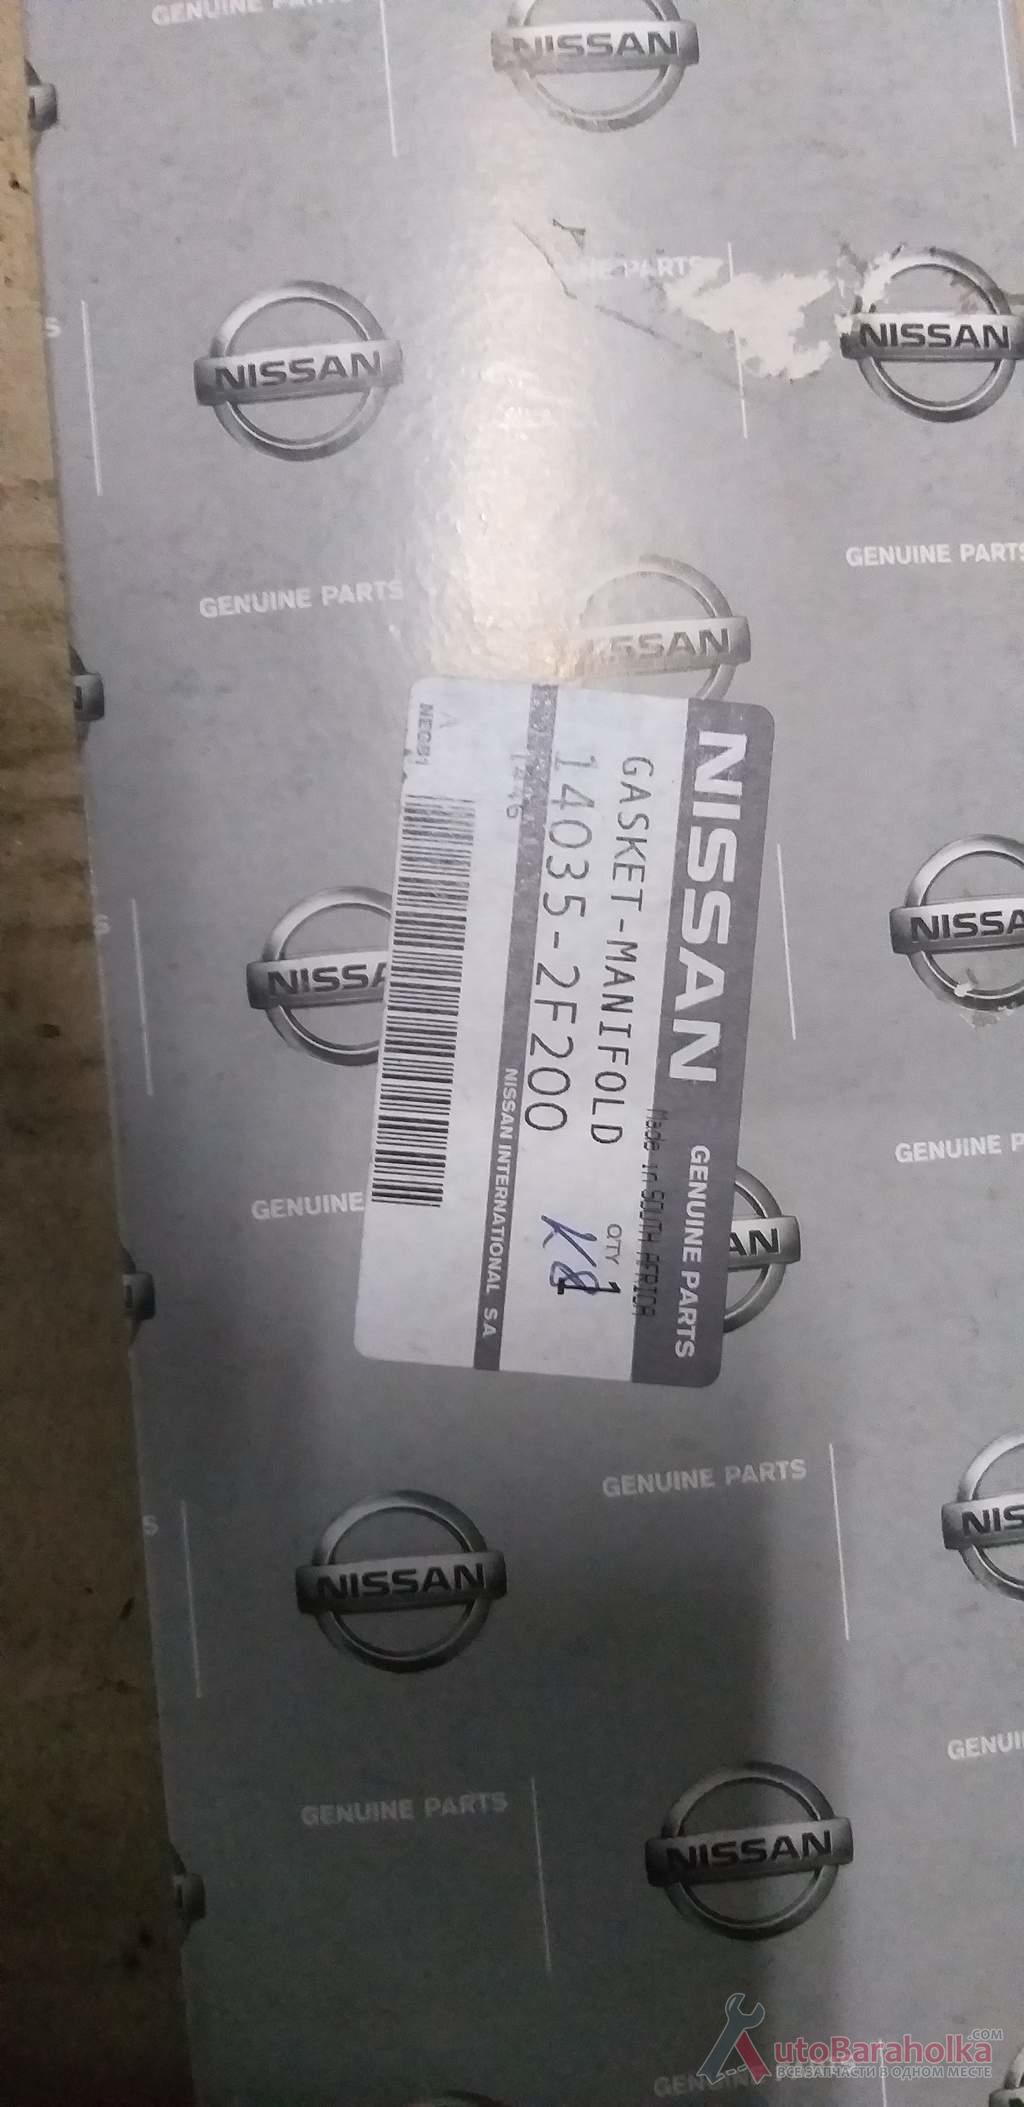 Продам Прокладка впускного коллектора Nissan Primera SR-20 бензин Ниссан Примера Запорожье